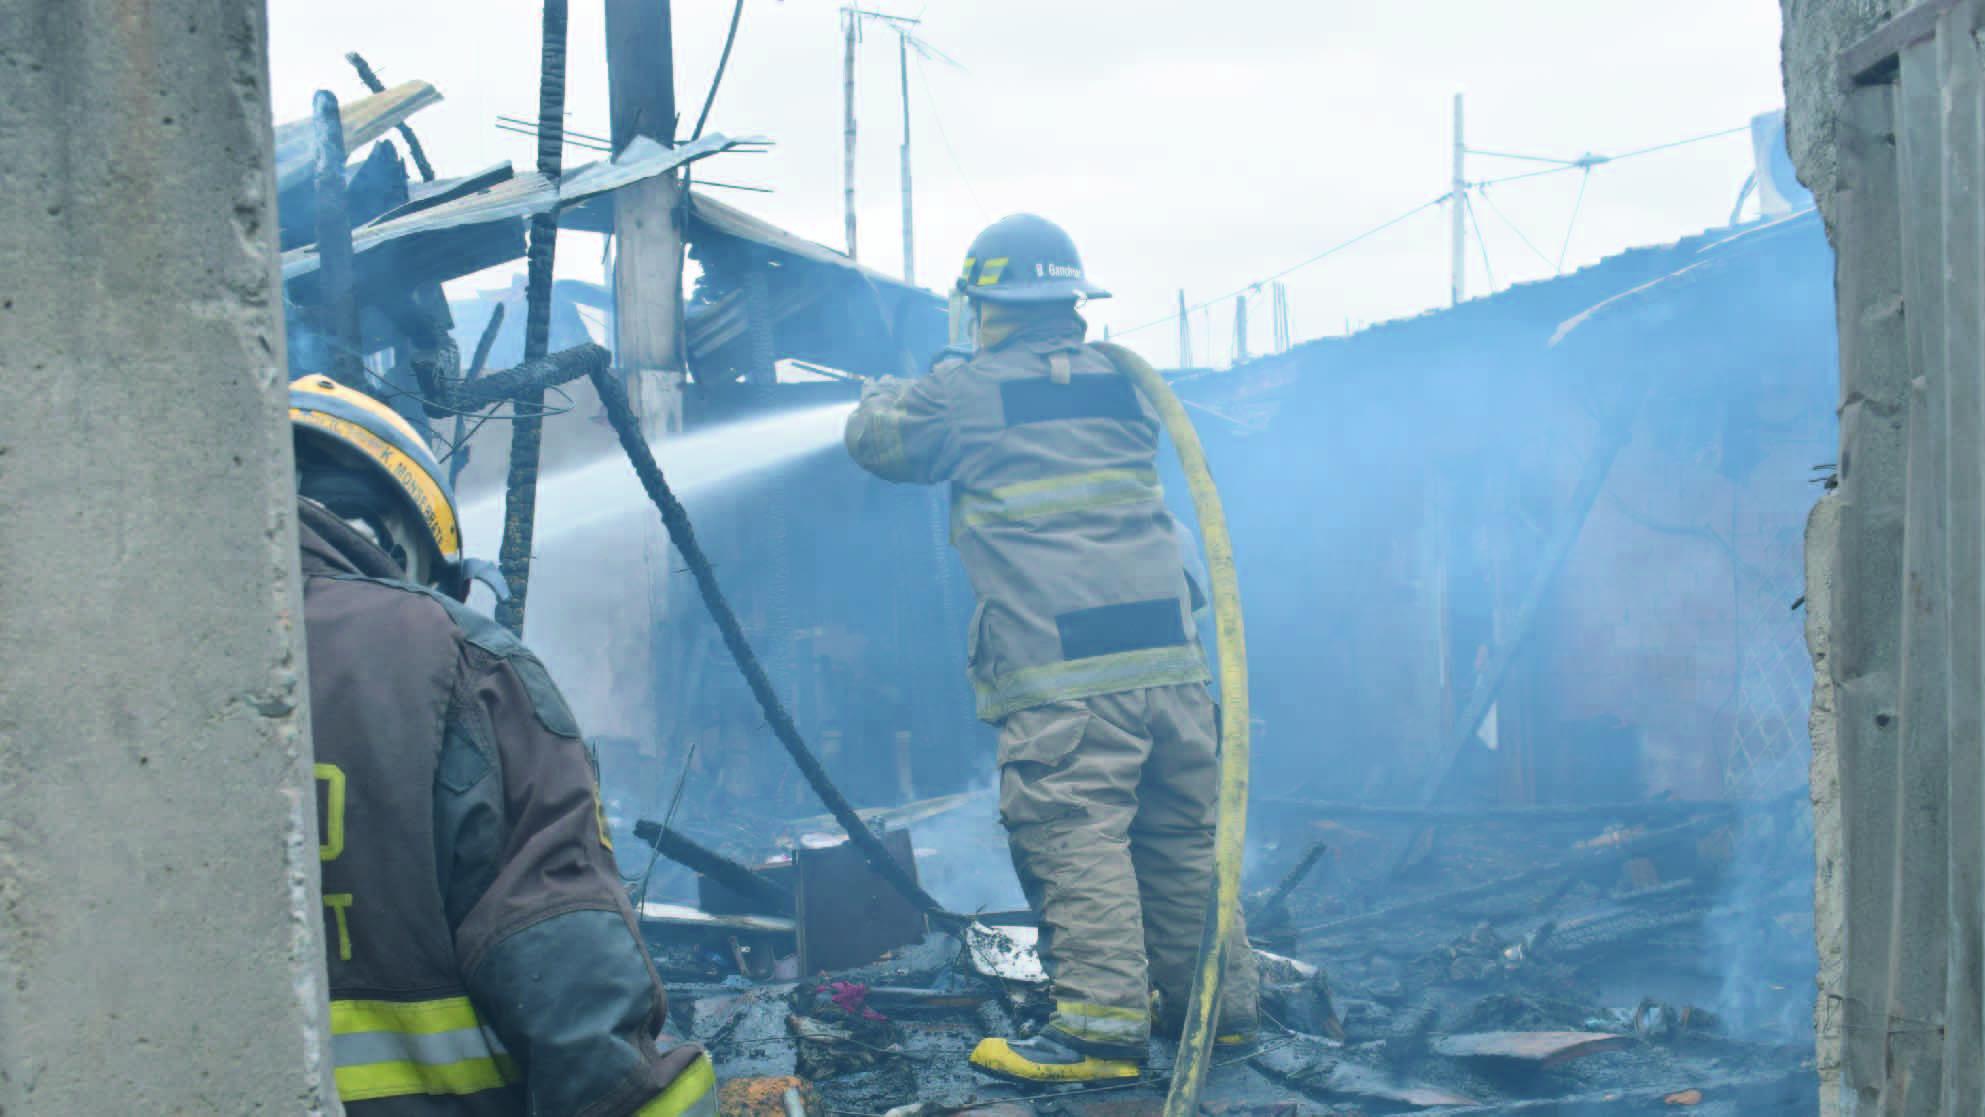 Bomberos de Machala controlaron incendio en una vivienda de el barrio Machalilla.